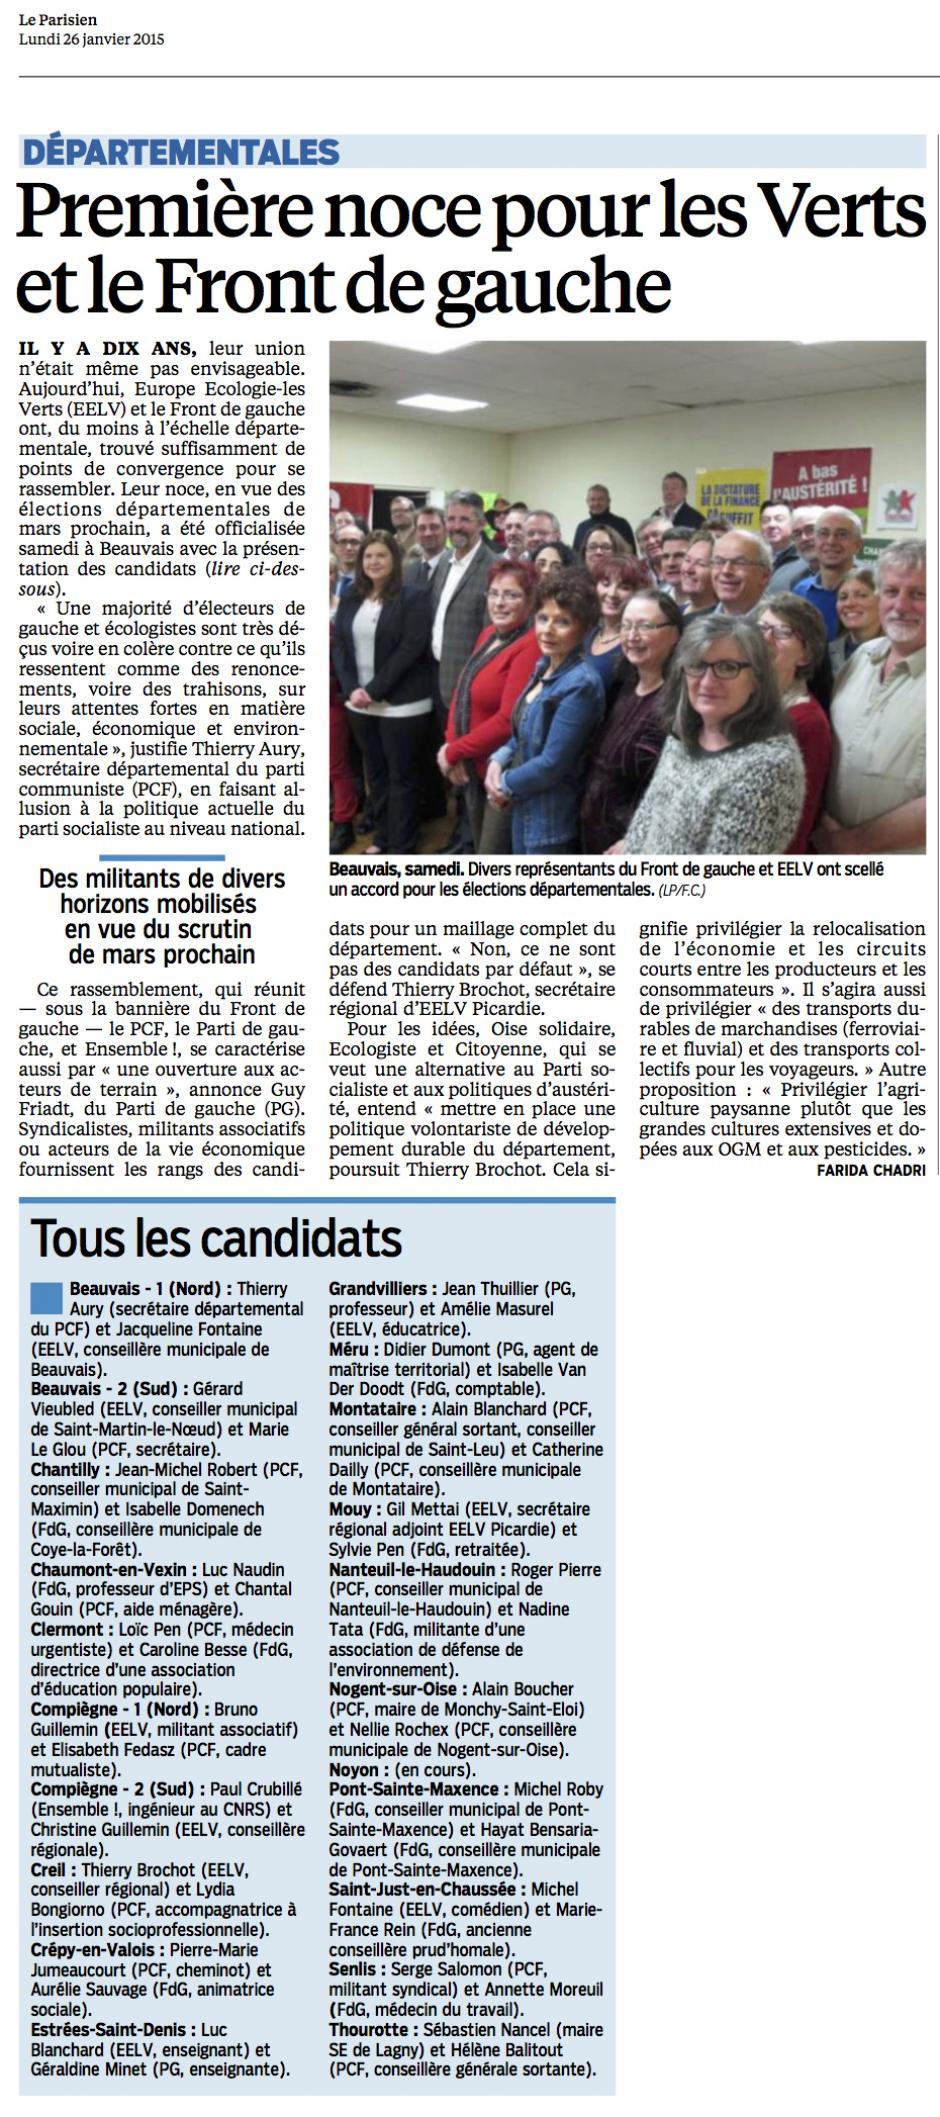 20150126-LeP-Oise-D2015-Premières noces pour les Verts et le Front de gauche